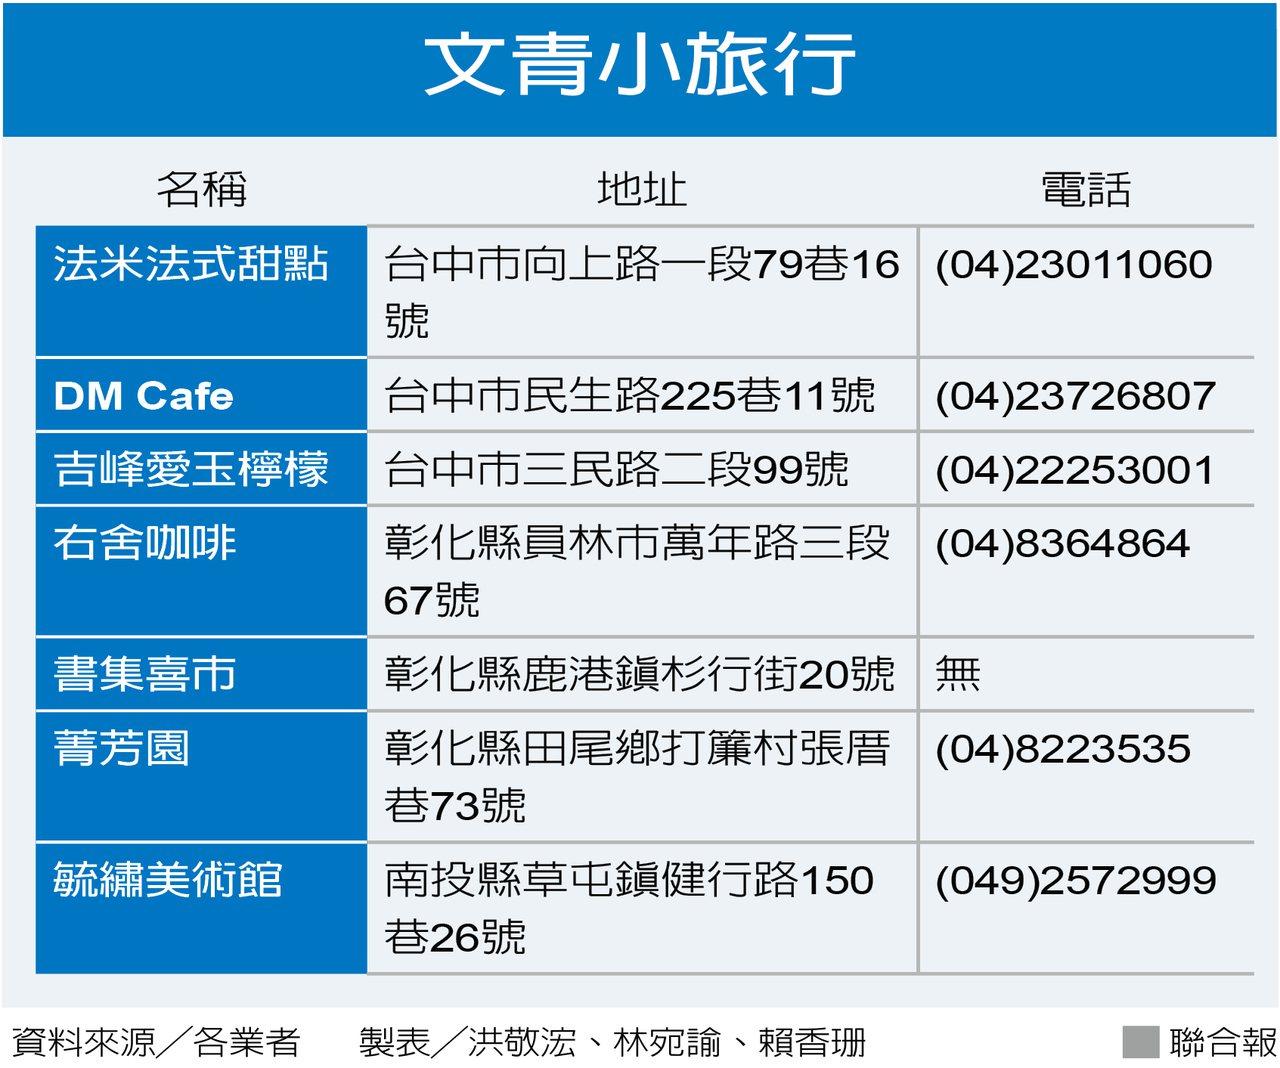 吃喝玩樂中台灣/逛巷弄 尋幽喝咖啡 旅遊好文青